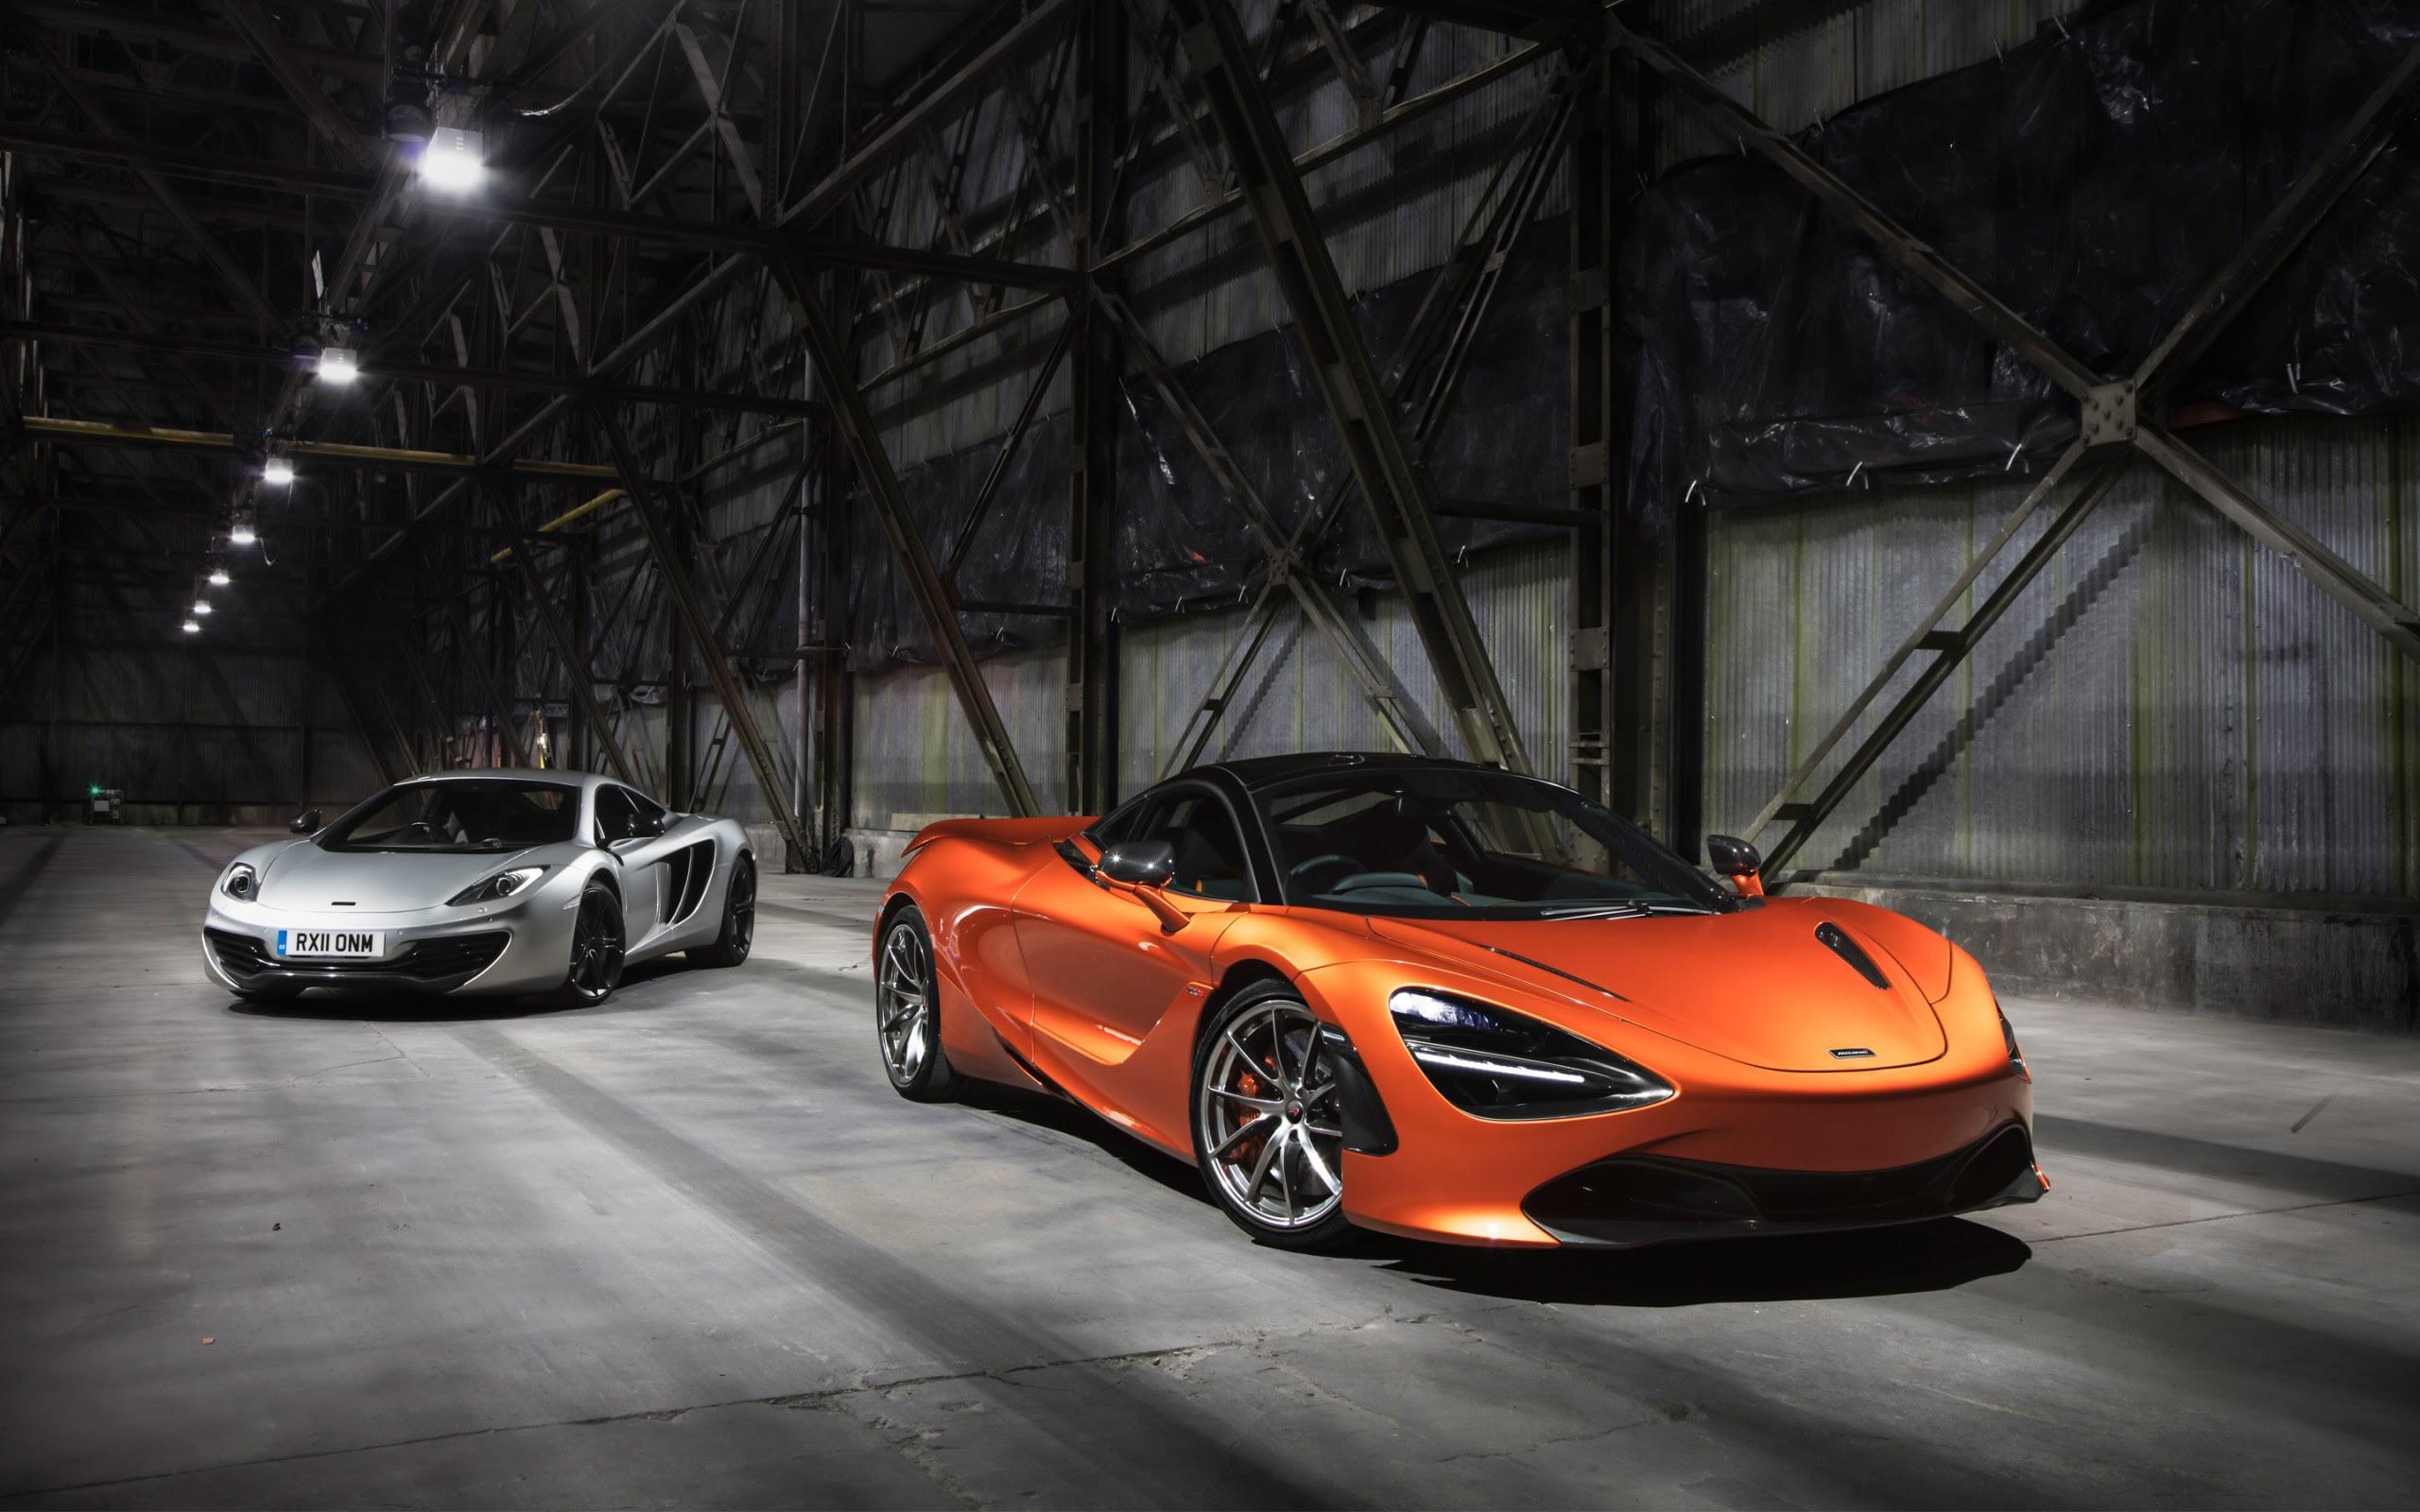 2018 McLaren 720S 4K 8K Wallpapers | HD Wallpapers | ID #20198